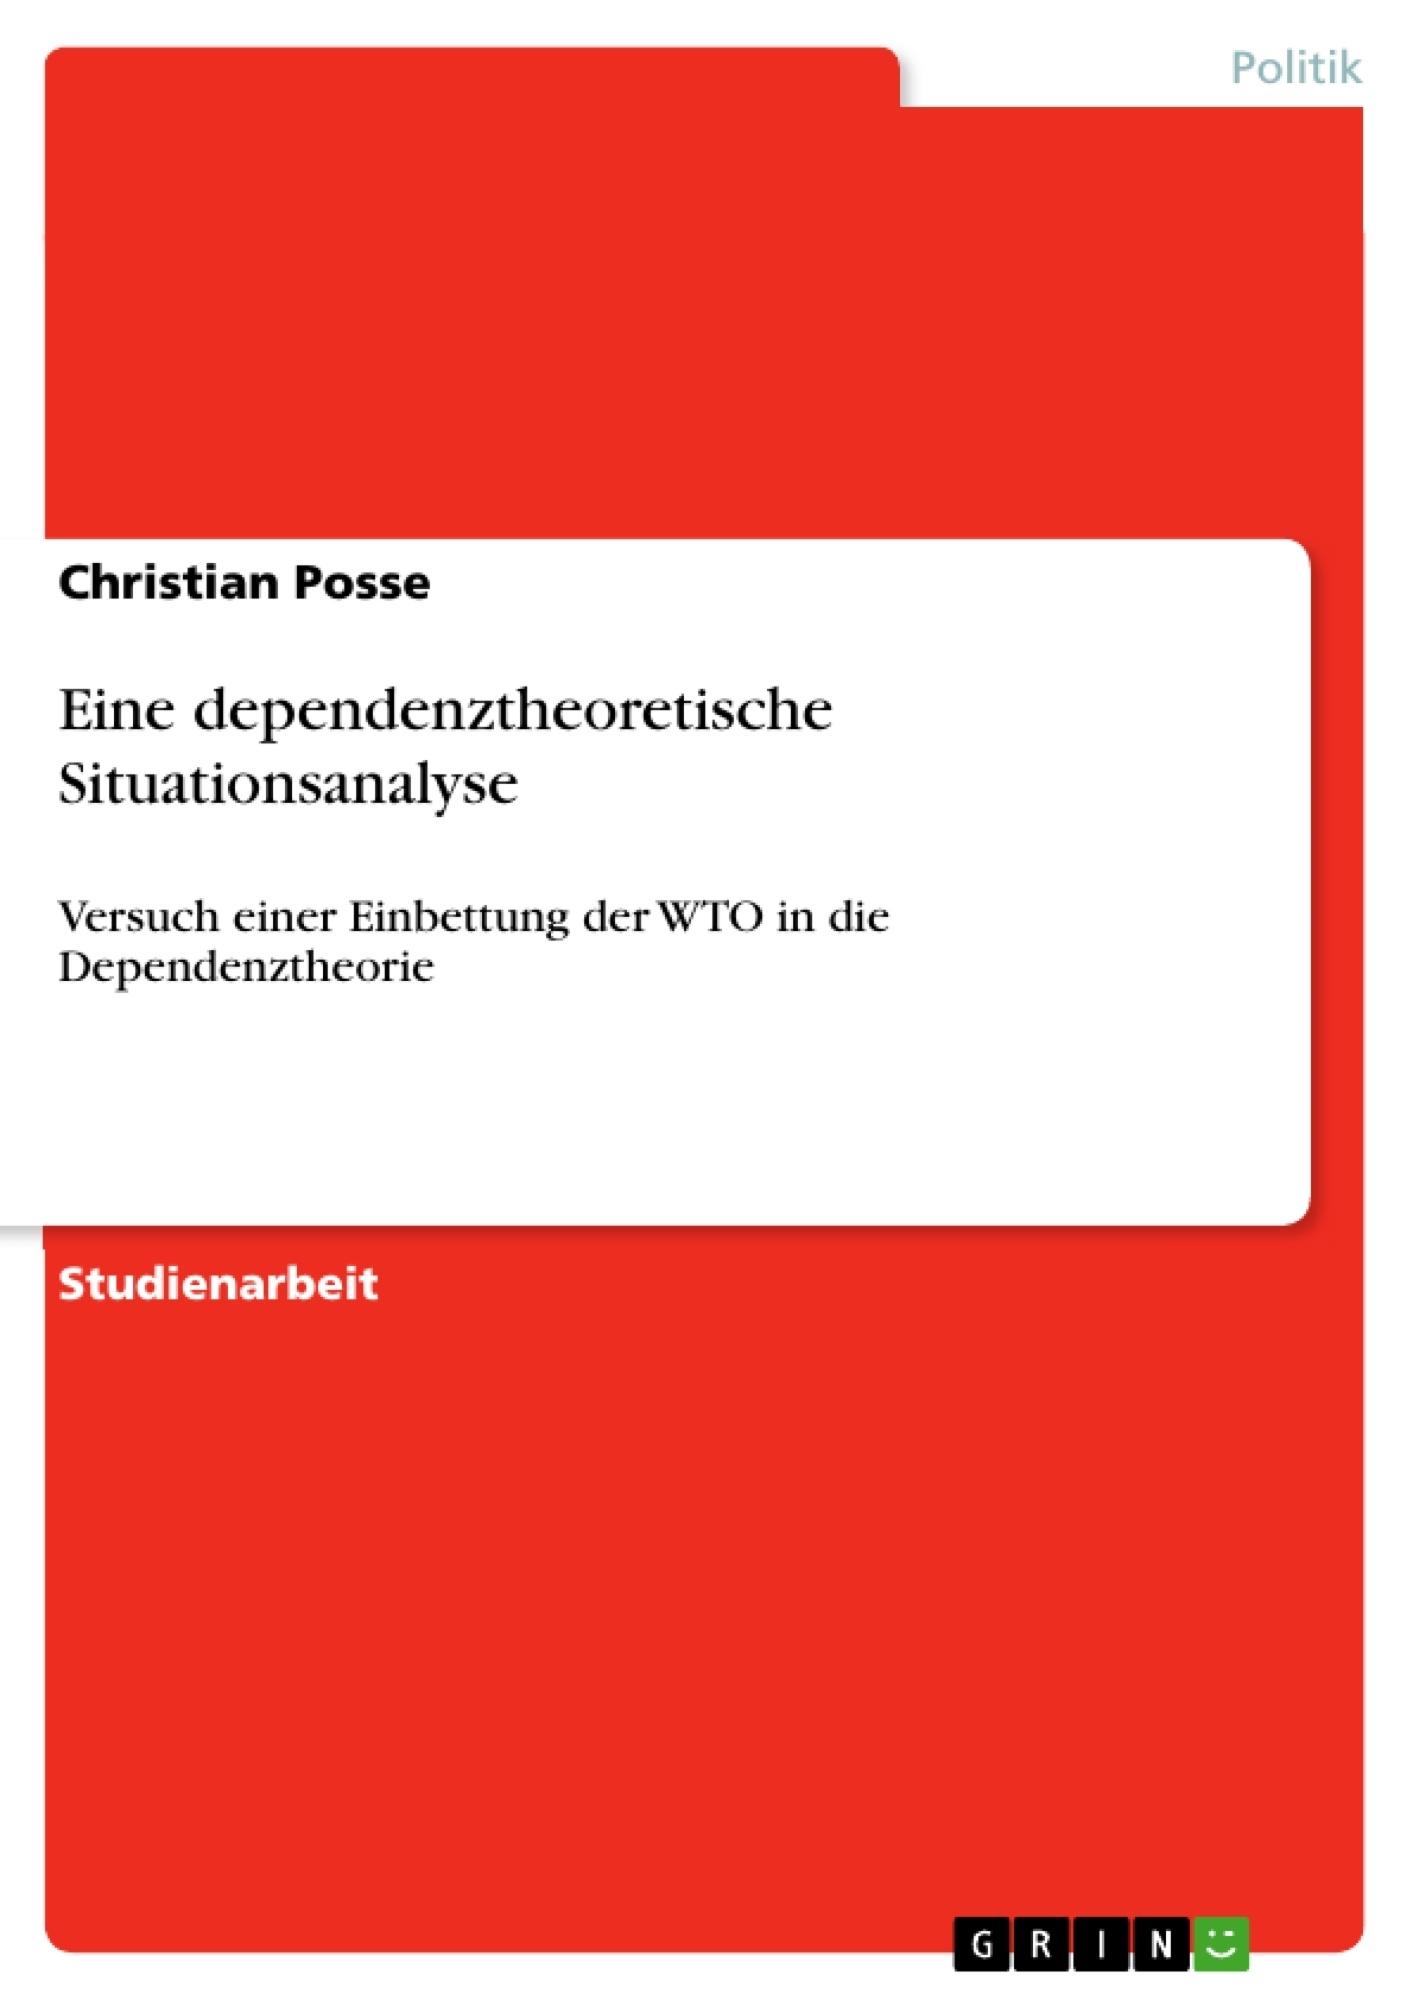 bachelor thesis zweiter versuch